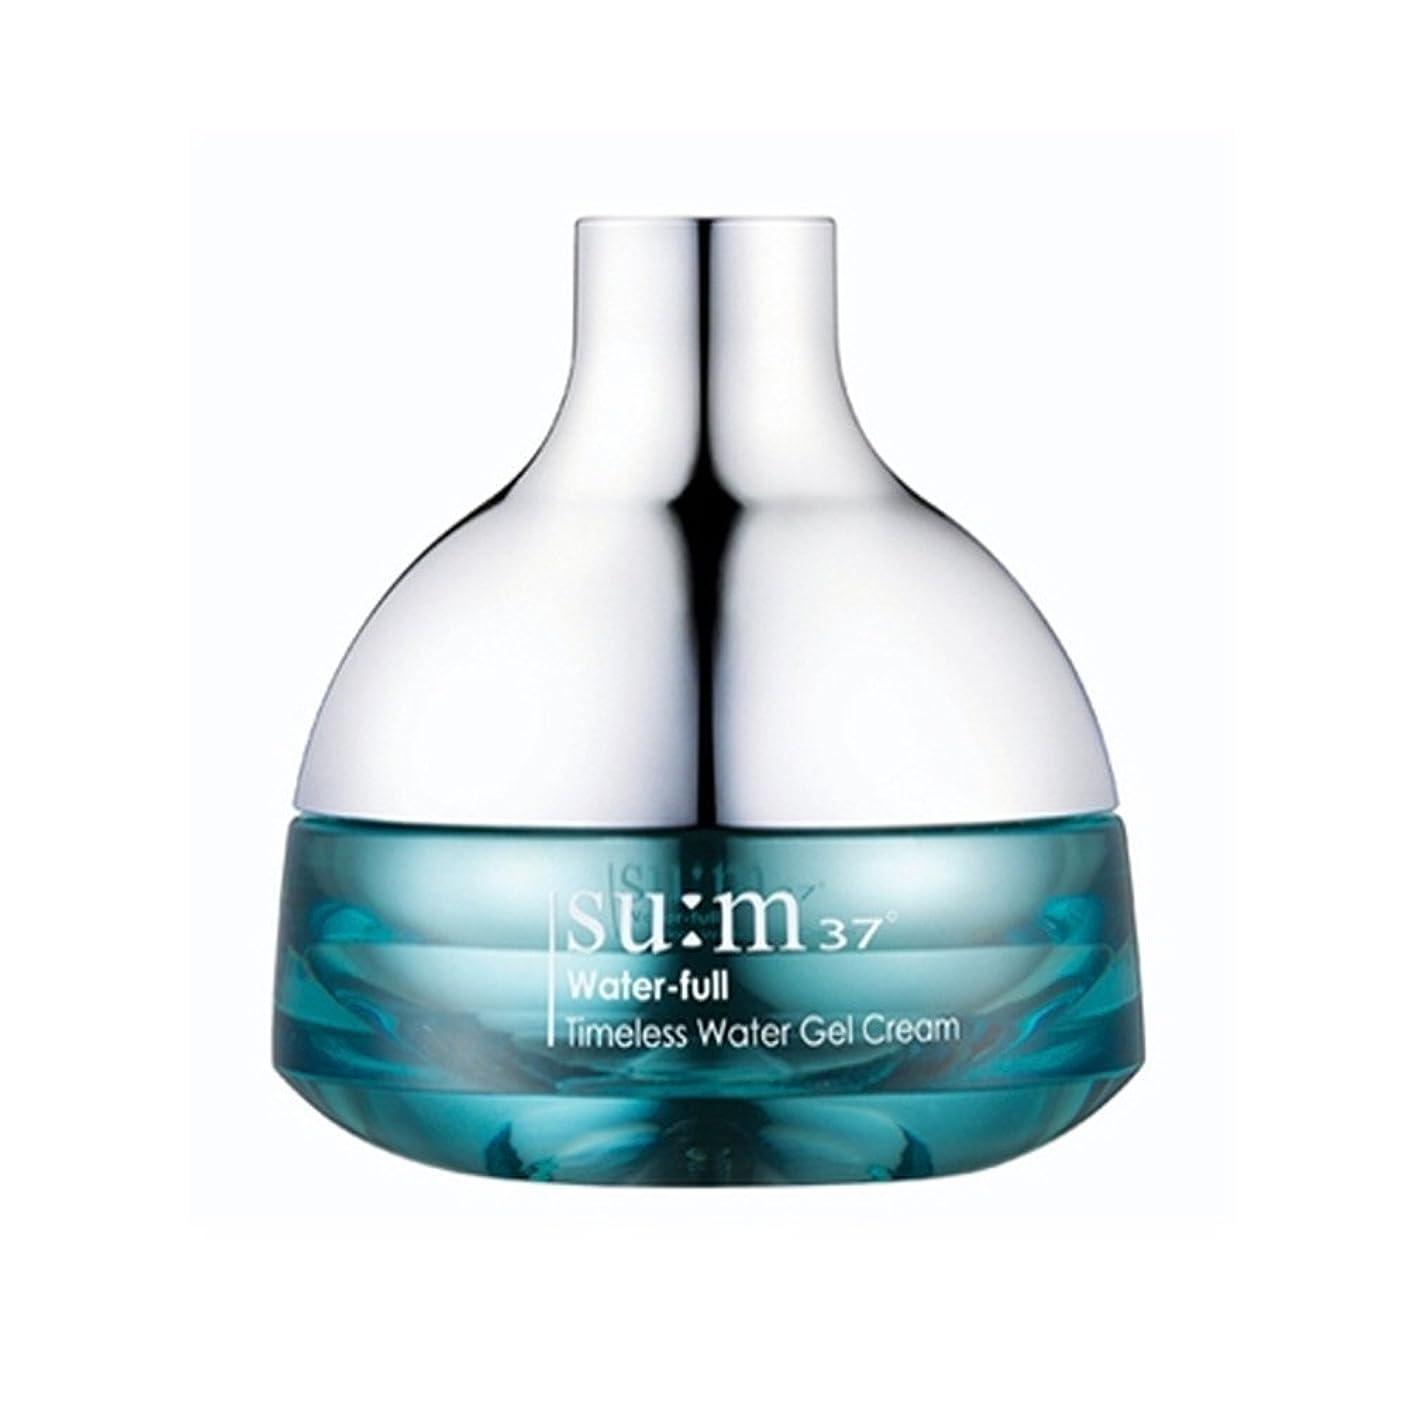 完了カカドゥ共産主義者[su:m37/スム37°] SUM37 Water-full Timeless Water Gel Cream 50ml/WF07 sum37 ウォータフル タイムレス ウォータージェルクリーム 50ml +[Sample Gift](海外直送品)